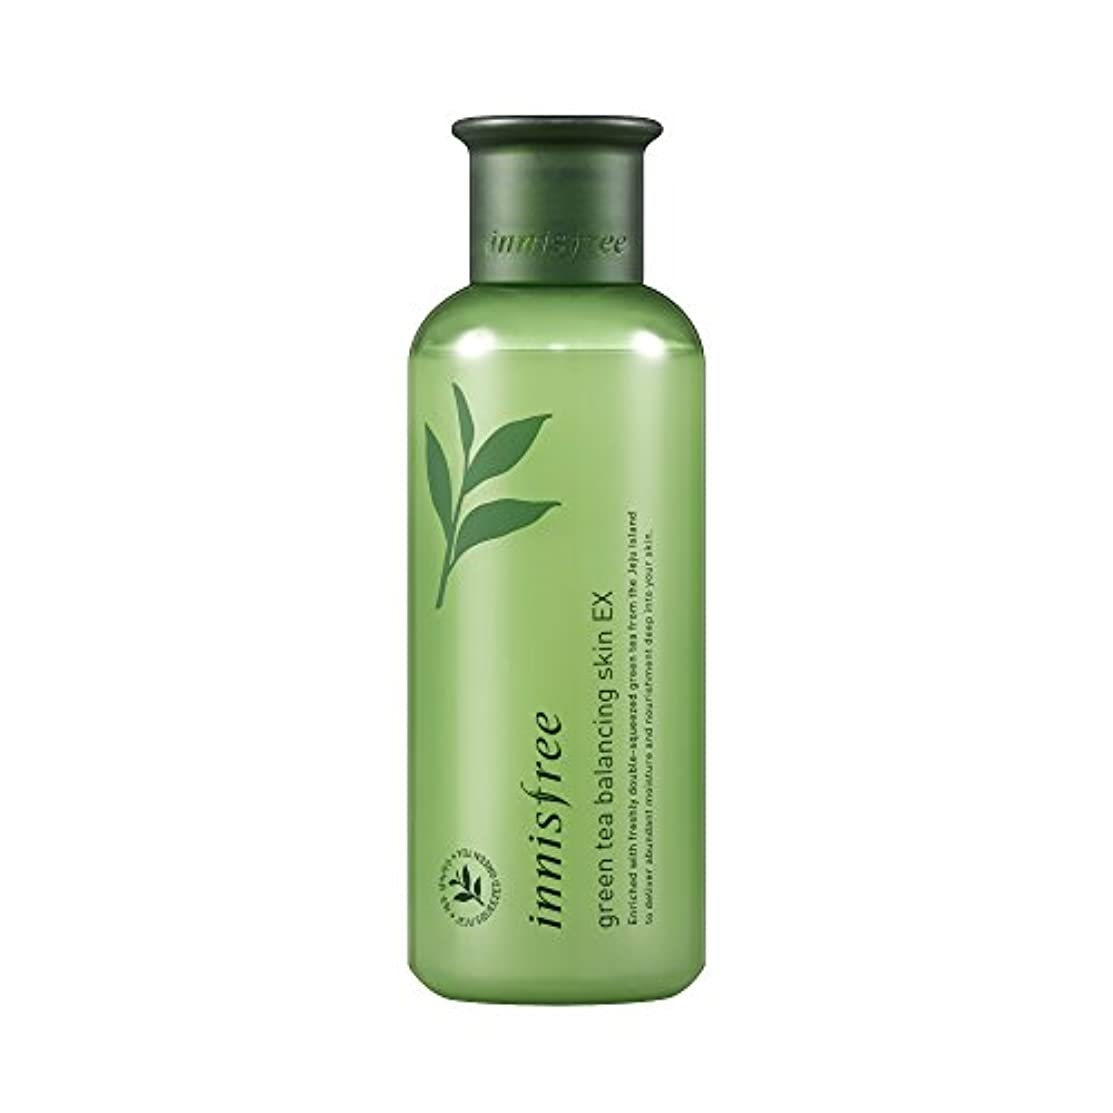 北へ海藻バイアスイニスフリー日本公式(innisfree) グリーンティー バランシングスキン[化粧水]200mL